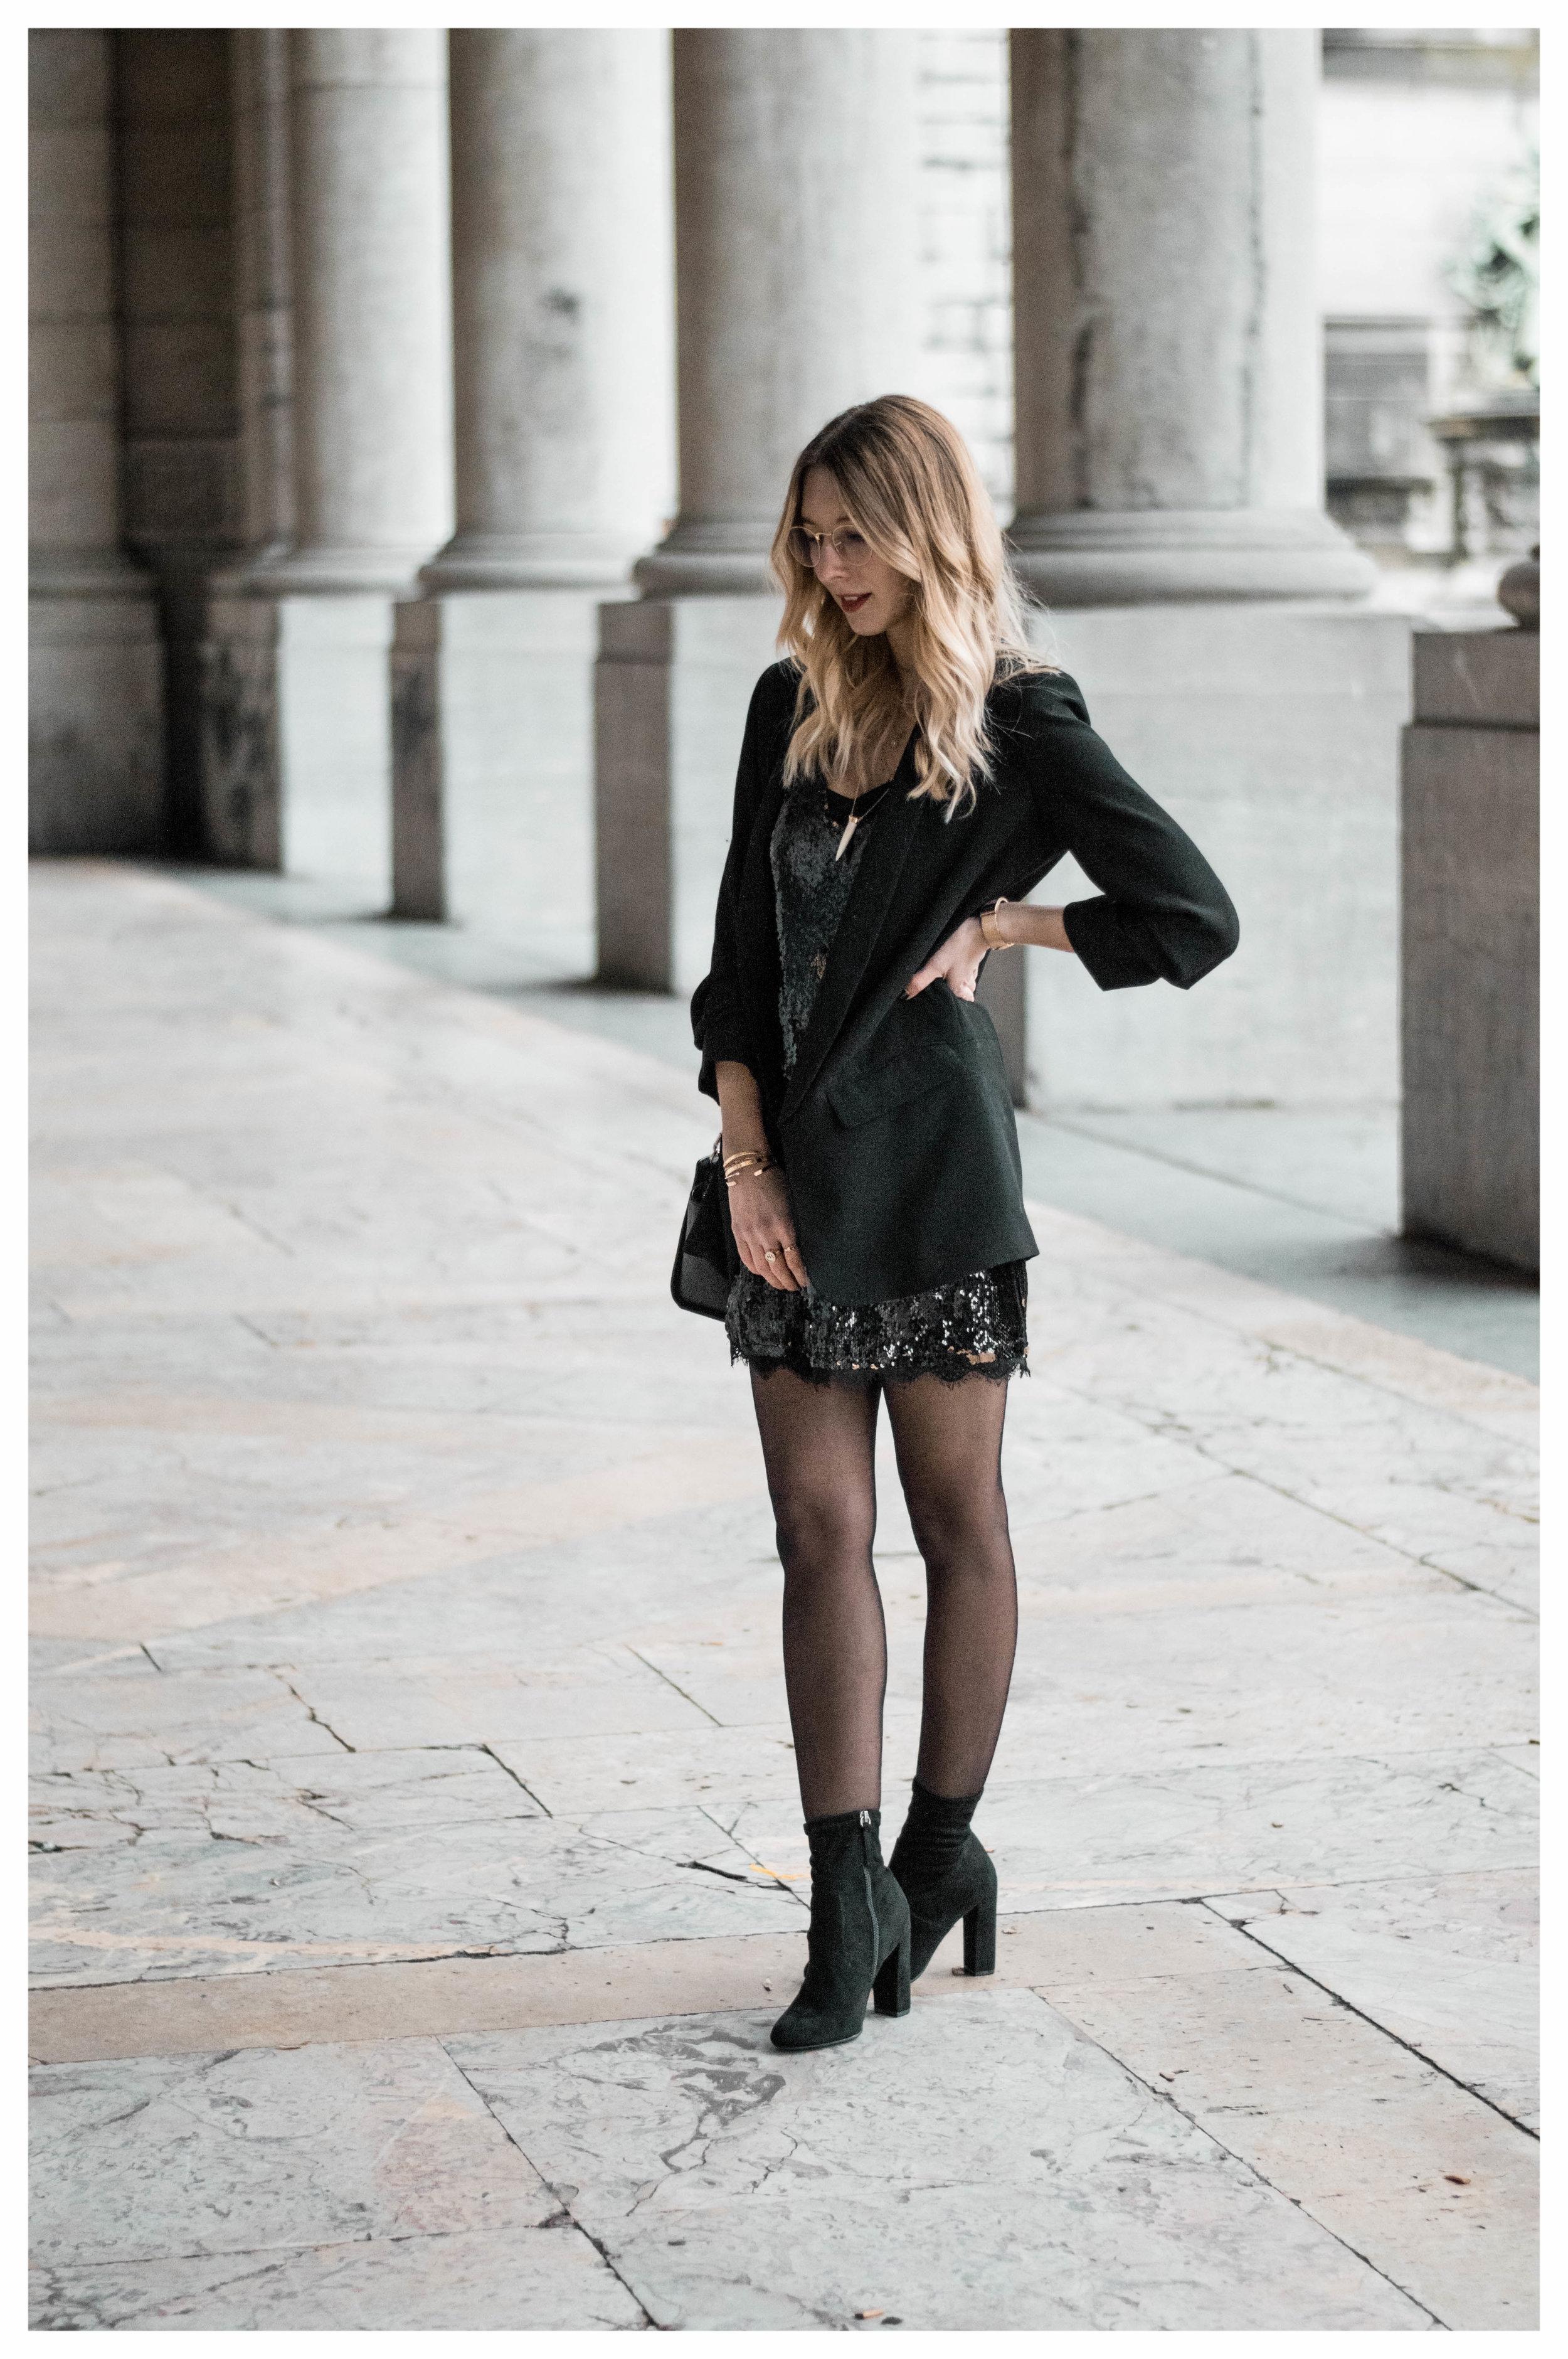 Party Dress Zalando - OSIARAH.COM (11 sur 41).jpg